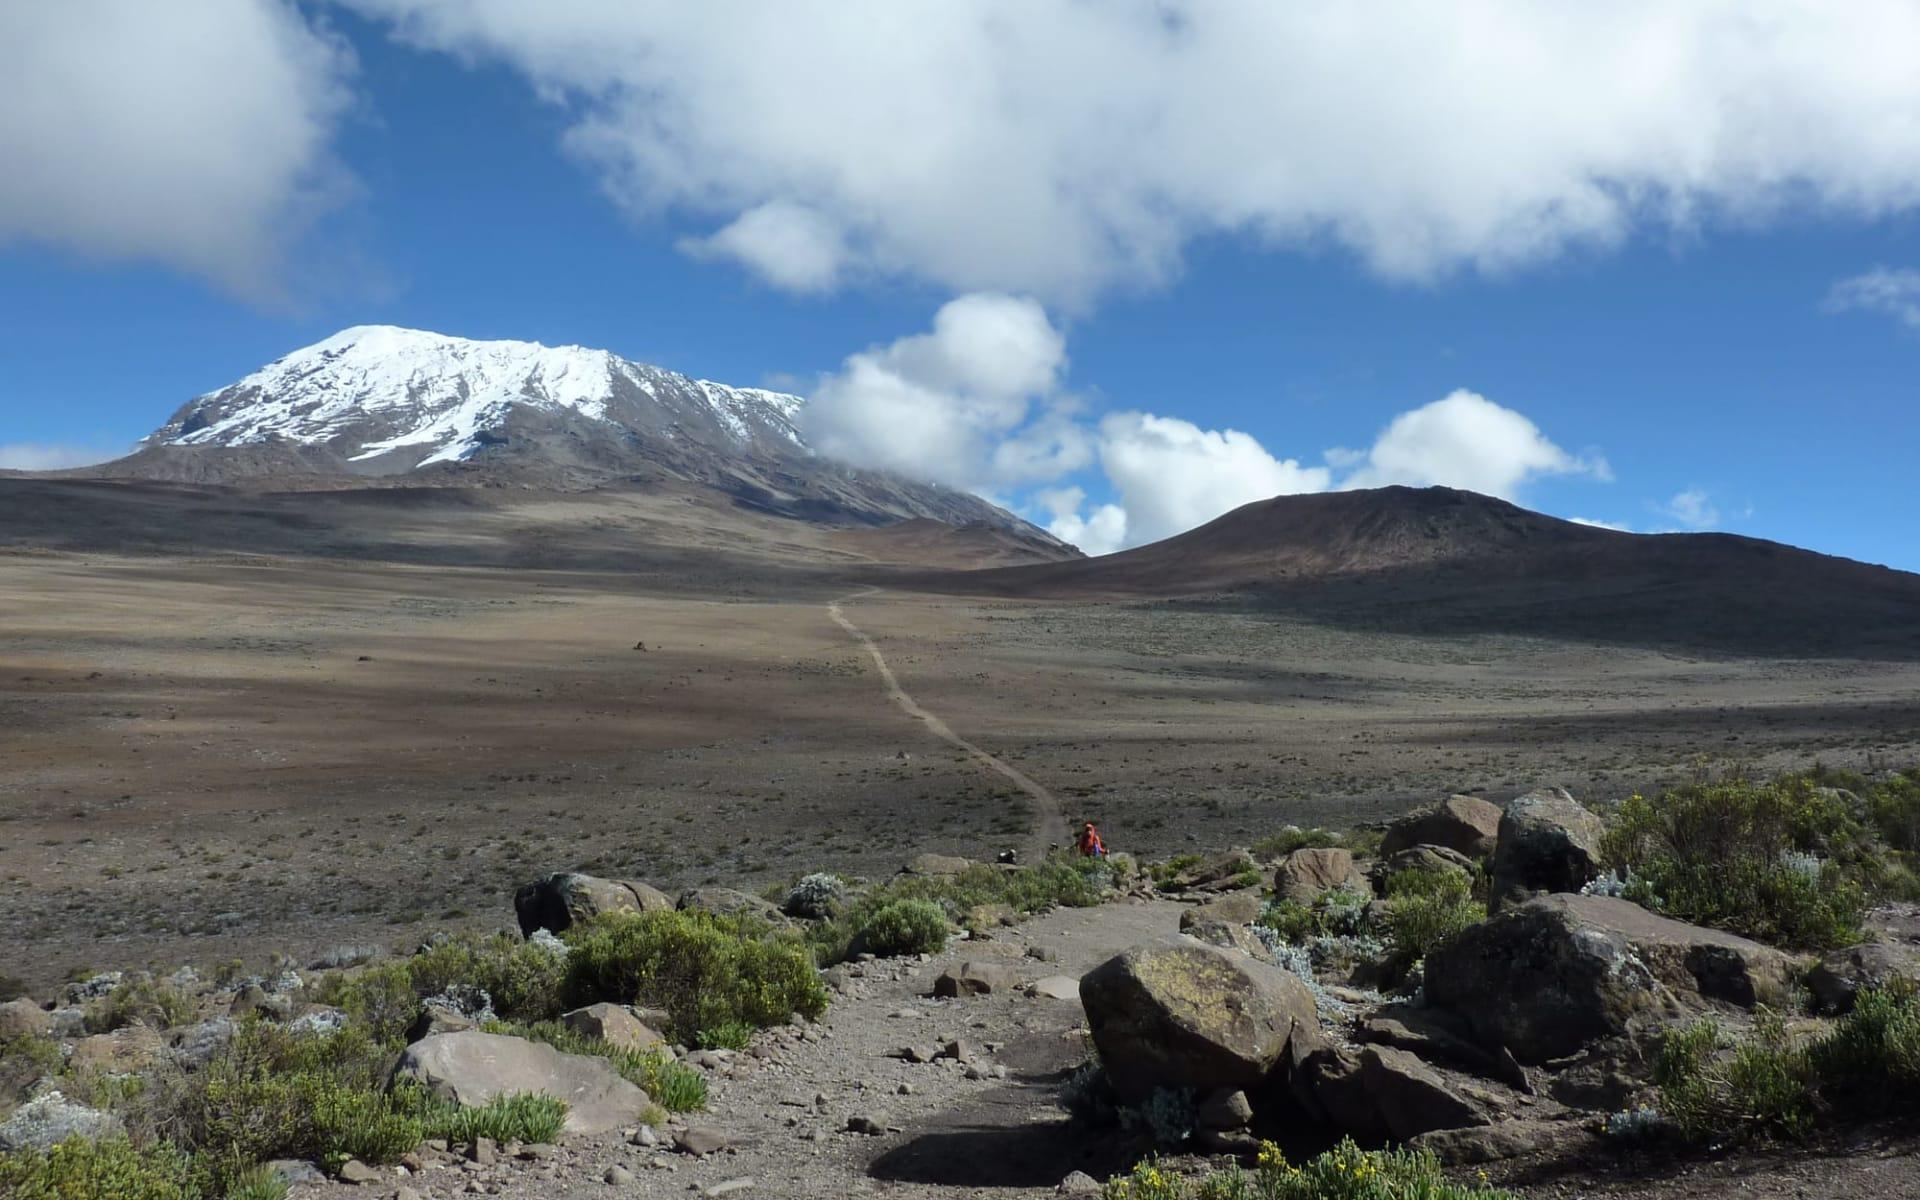 Kilimanjaro Marangu Route ab Arusha: Kili Marangu